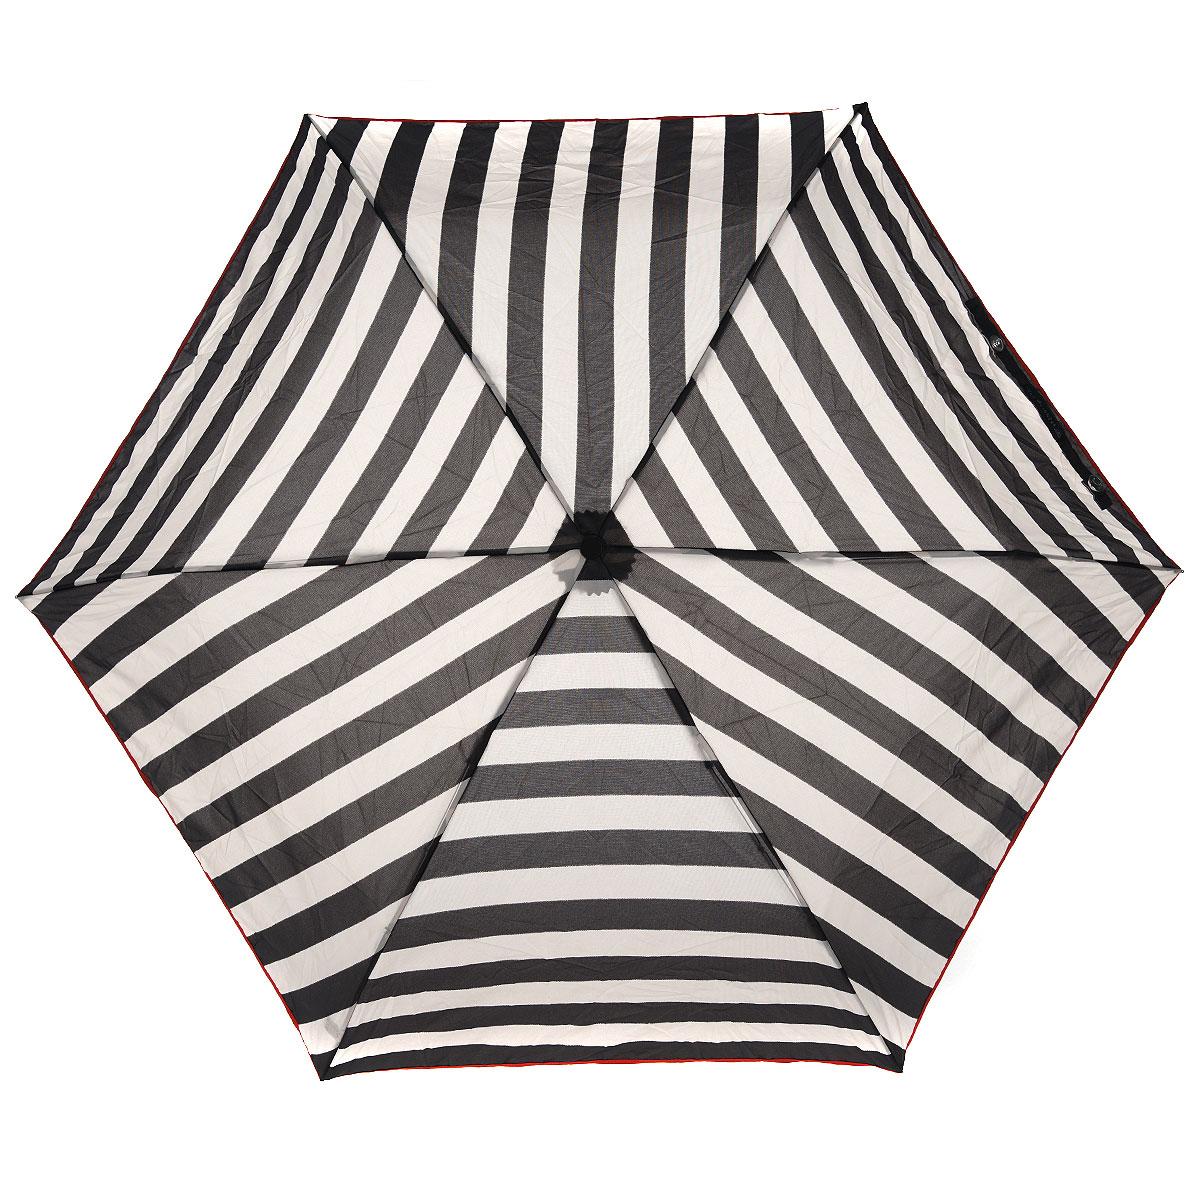 """Зонт женский Fulton Stripe, механический, 3 сложения, цвет: черный, бежевыйREM12-CAM-REDBLACKСтильный компактный зонт Fulton """"Stripe"""" даже в ненастную погоду позволит вам оставаться женственной и элегантной. """"Ветростойкий"""" каркас зонта выполнен из алюминия и состоит из шести спиц с элементами из фибергласса, зонт оснащен удобной рукояткой из пластика. Купол зонта выполнен из прочного полиэстера и оформлен полосатым принтом. На рукоятке для удобства есть небольшой шнурок-резинка, позволяющий надеть зонт на руку тогда, когда это будет необходимо. К зонту прилагается чехол на липучке.Зонт механического сложения: купол открывается и закрывается вручную, стержень также складывается вручную до характерного щелчка.Компактныйзонт диаметром 3 см в закрытом виде. Ветроустойчивый алюминиевый каркас в 3 сложения, 6 спиц с элементами из фибергласса, материал купола - полиэстер, диаметр купола - 86см. Длина зонта в сложенном виде - 22 см. Вес 138 гр. Характеристики: Материал: алюминий, фибергласс, пластик, полиэстер. Цвет: черный, бежевый. Диаметр купола: 86 см. Длина зонта в сложенном виде: 22 см. Длина ручки (стержня) в раскрытом виде:52 см.Диаметр зонта (в сложенном виде): 3 см.Вес: 138 г. Артикул: L718 2S2343."""